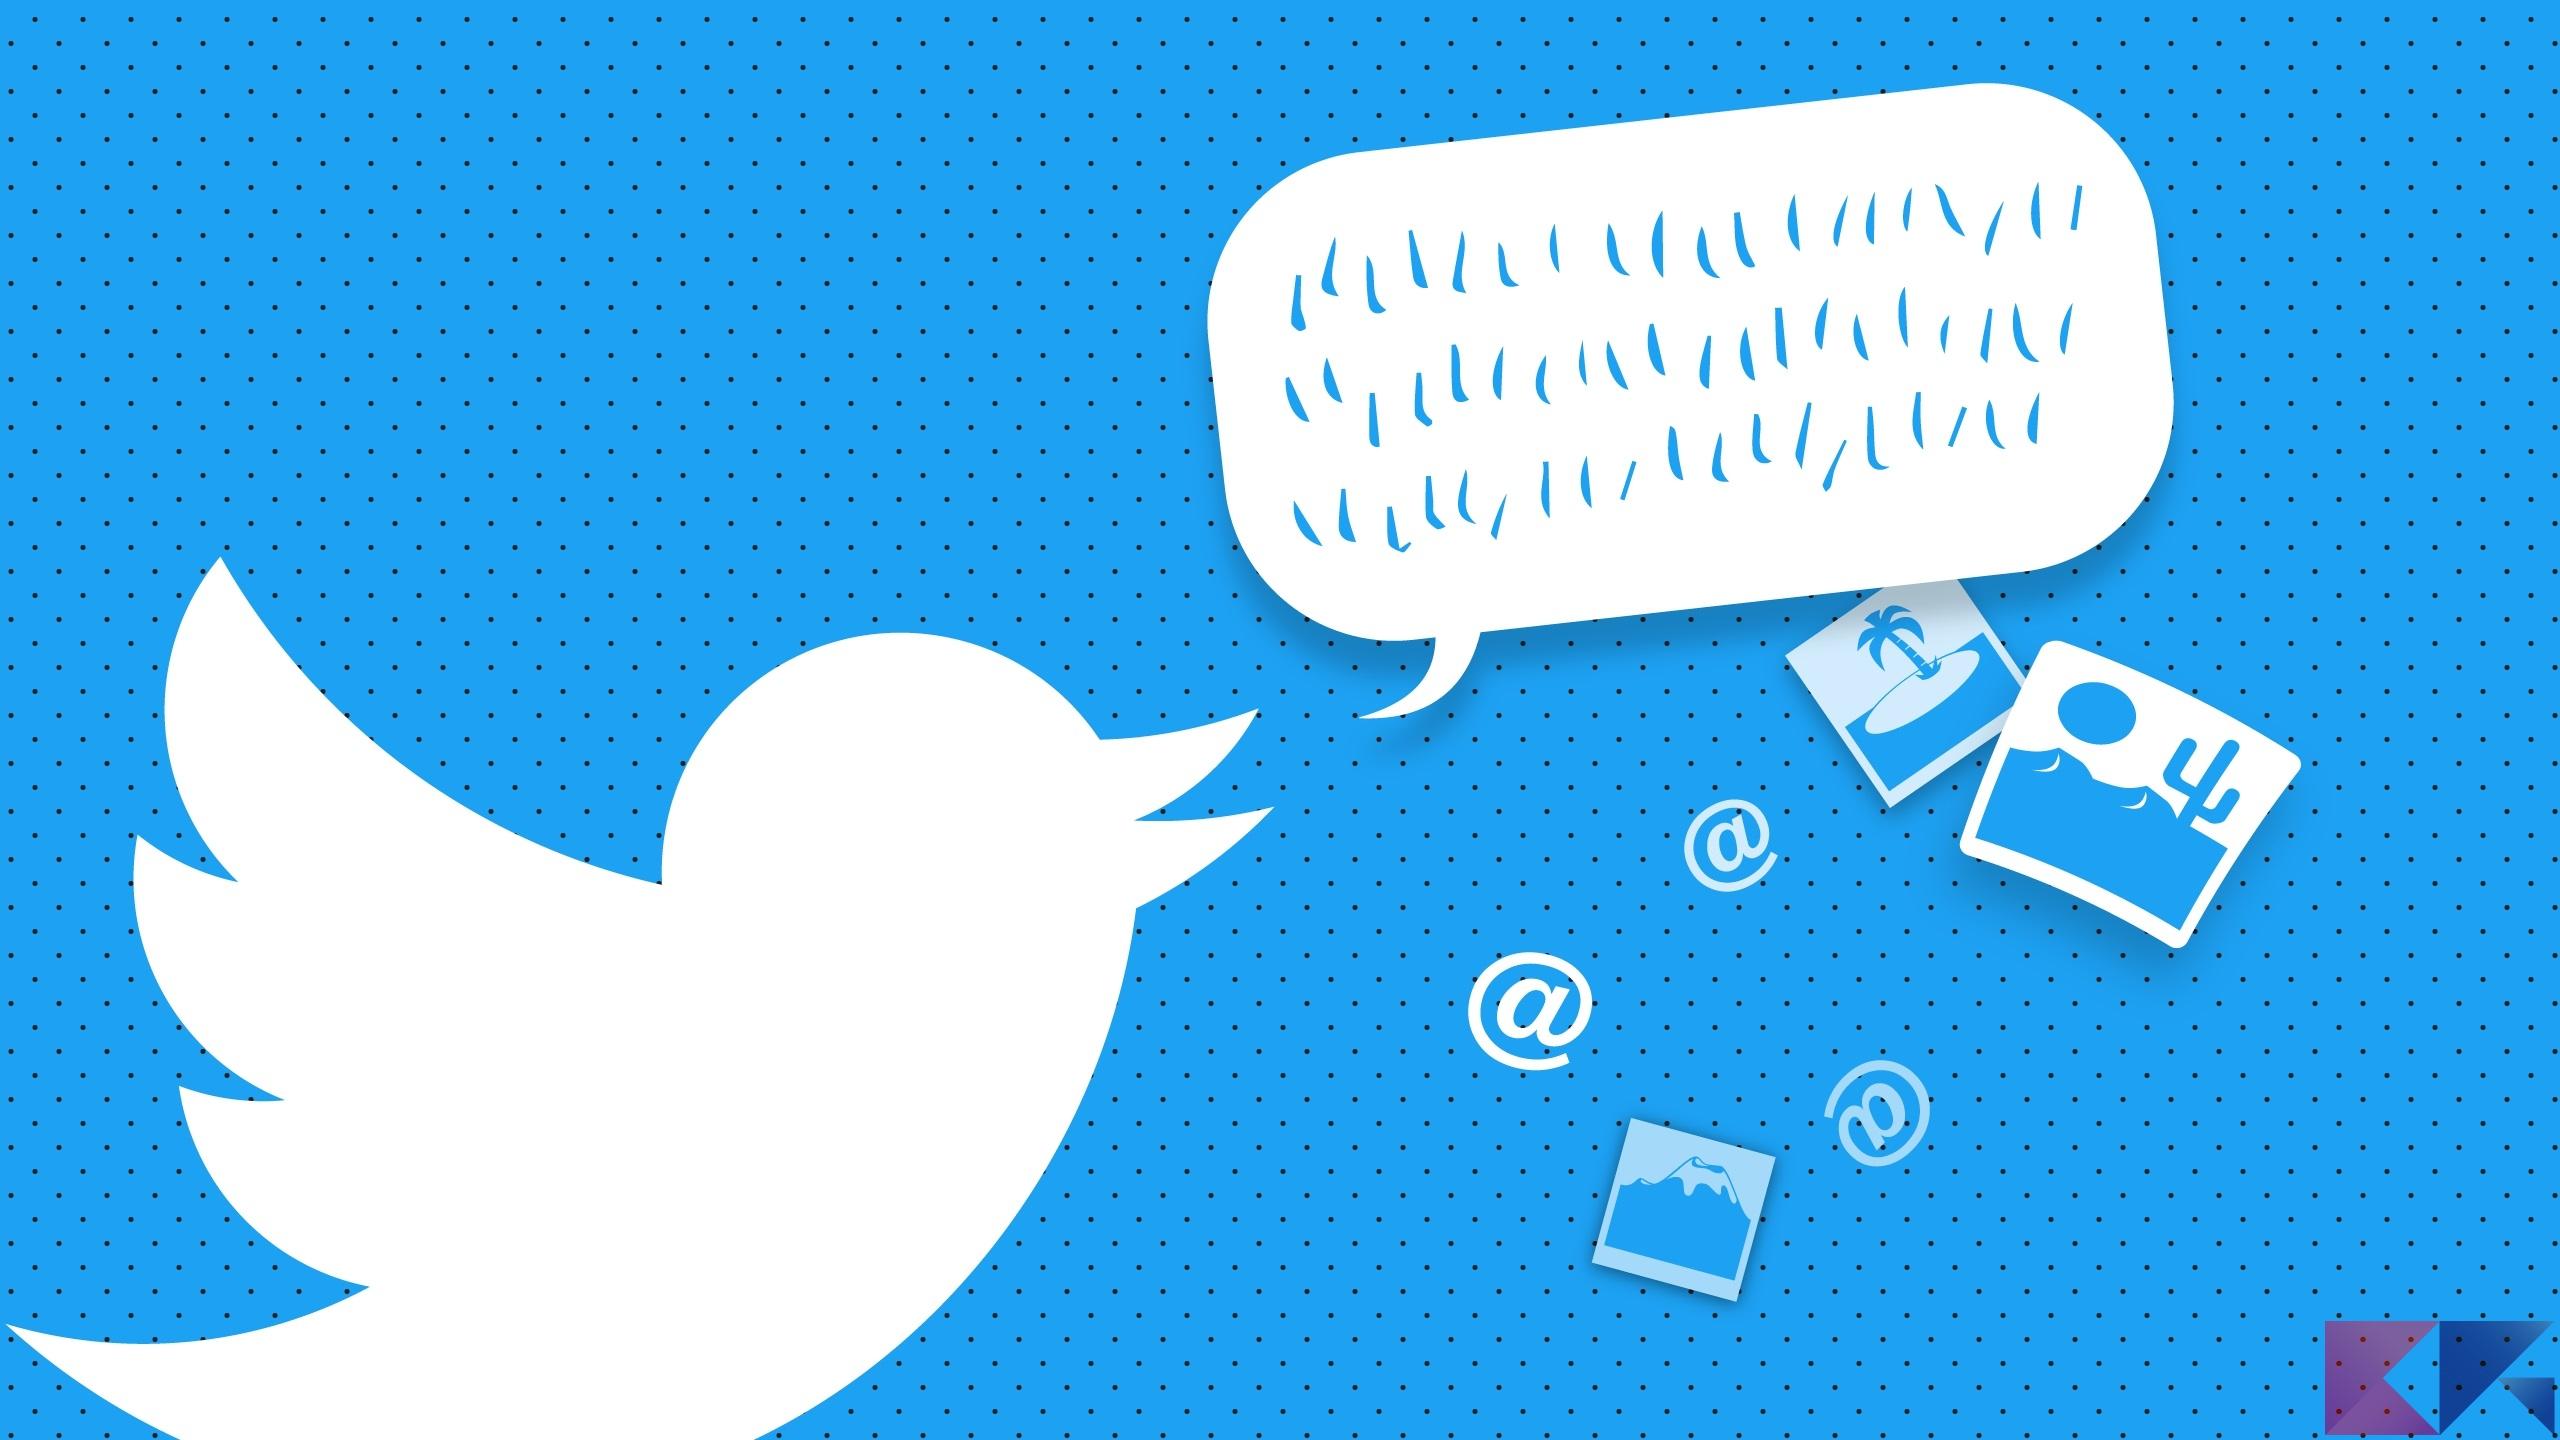 twitter 140 media